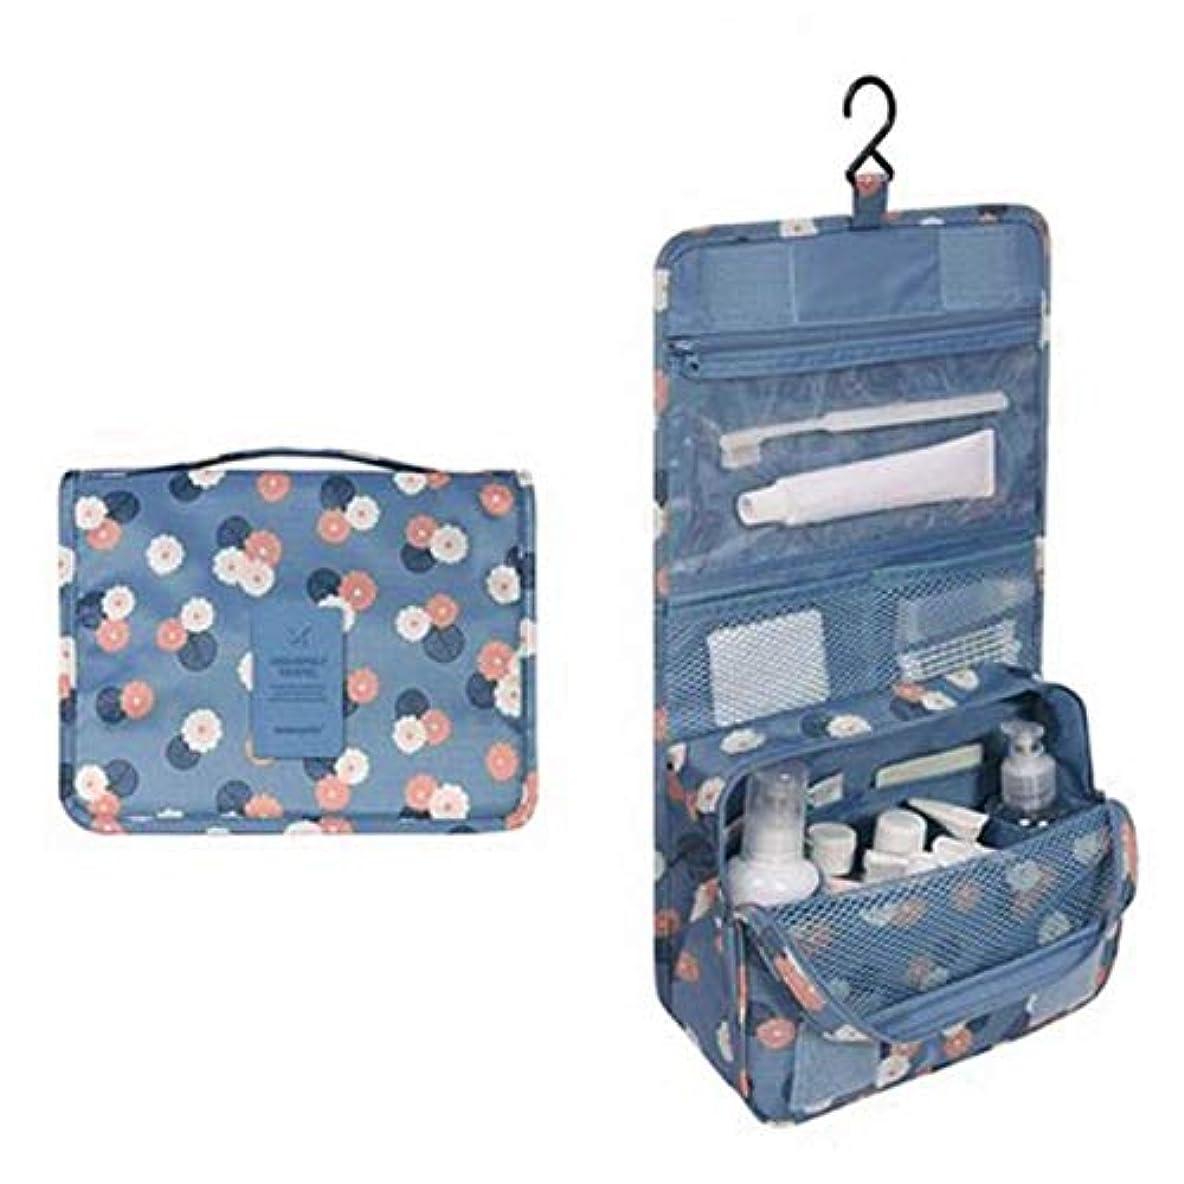 または寝具保持するWadachikis 例外的な女性ジッパーハンギング防水旅行トイレタリーの洗浄化粧品オーガナイザーバッグバッグ(None Picture Color)